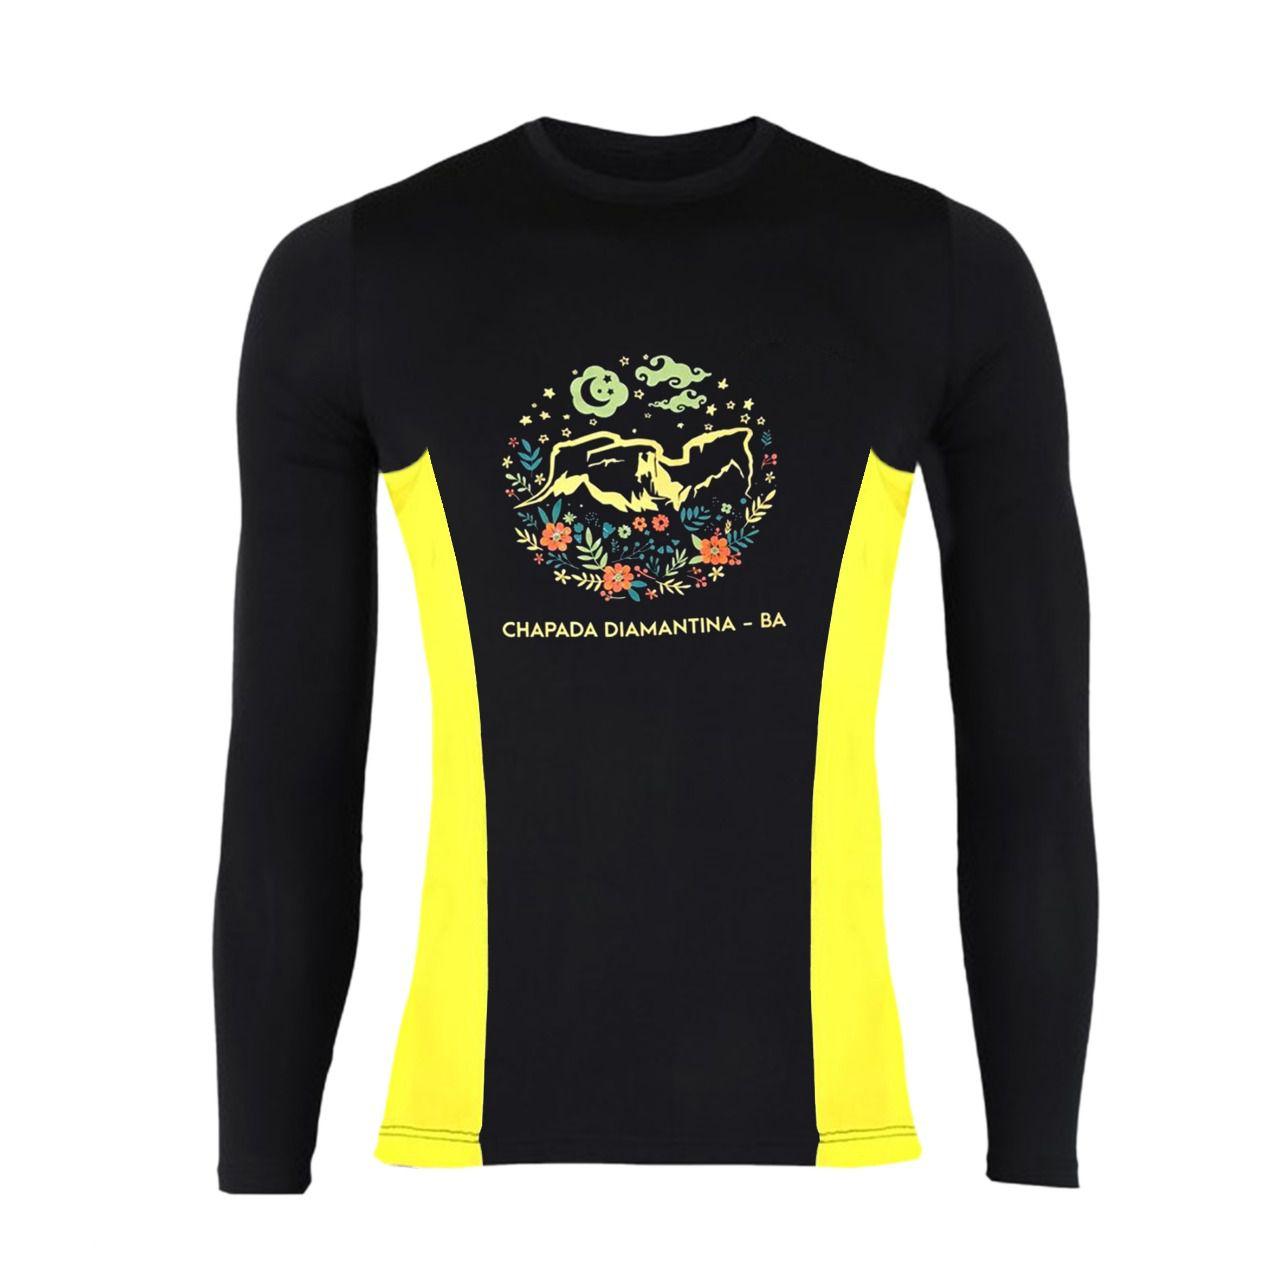 Camiseta UV 50+ Manga Longa- Morro do Camelo  - EMPÓRIO CHAPADA DIAMANTINA